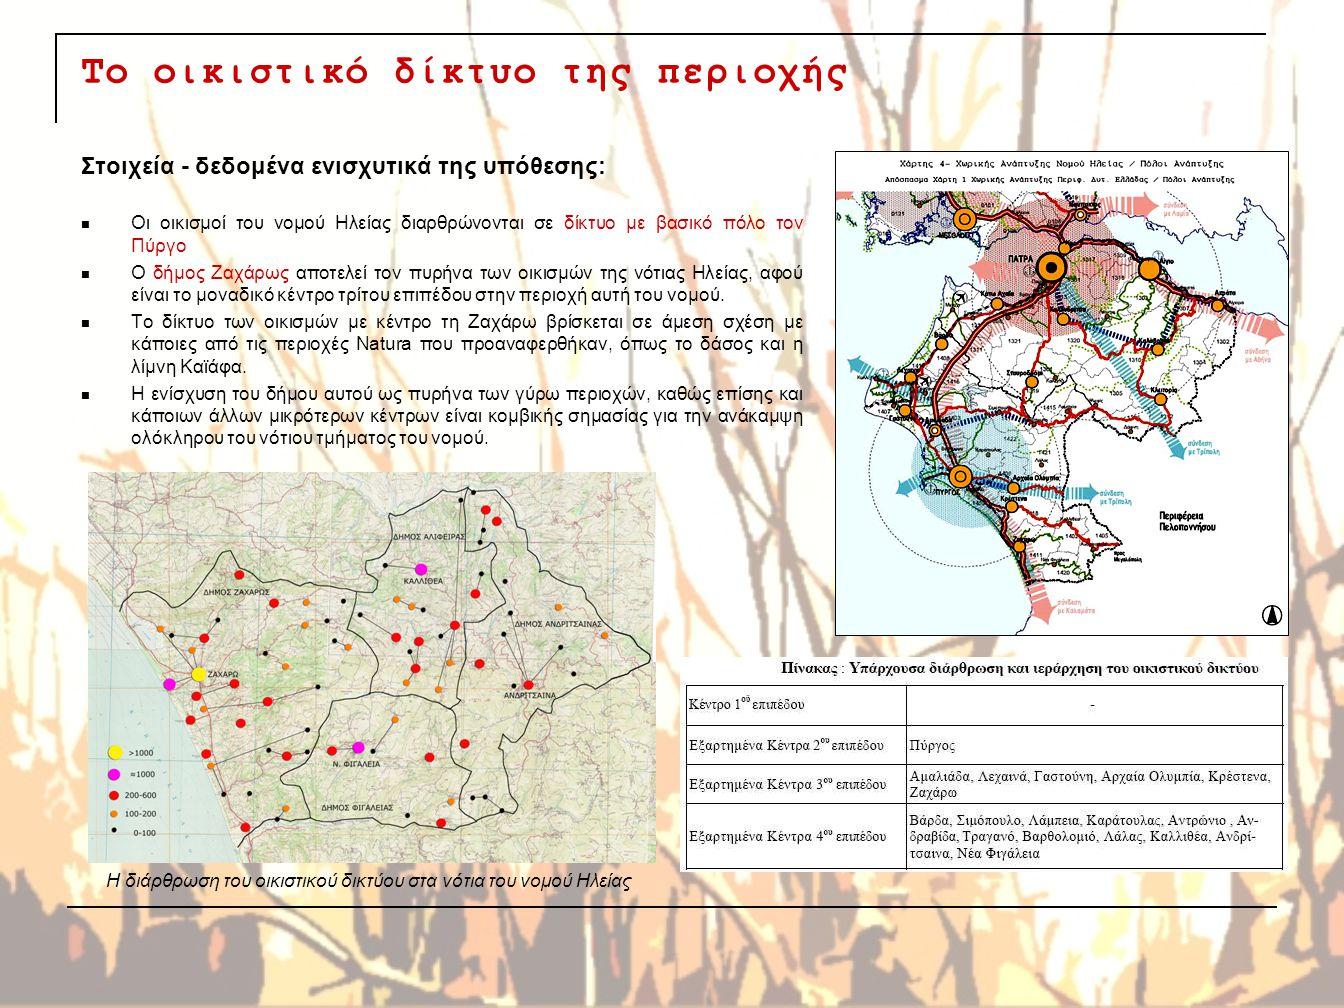 Το οικιστικό δίκτυο της περιοχής